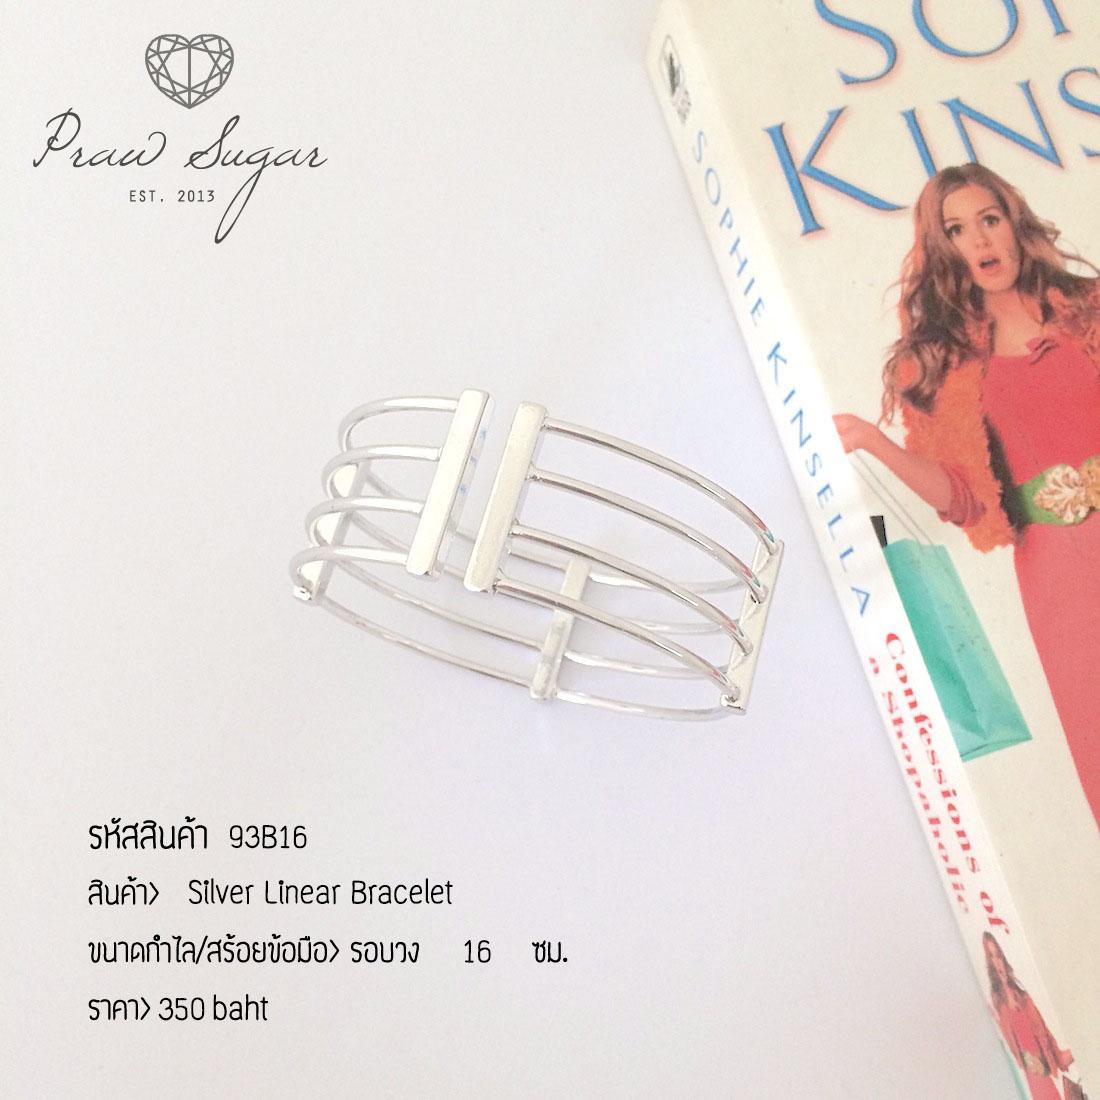 Silver Linear Bracelet